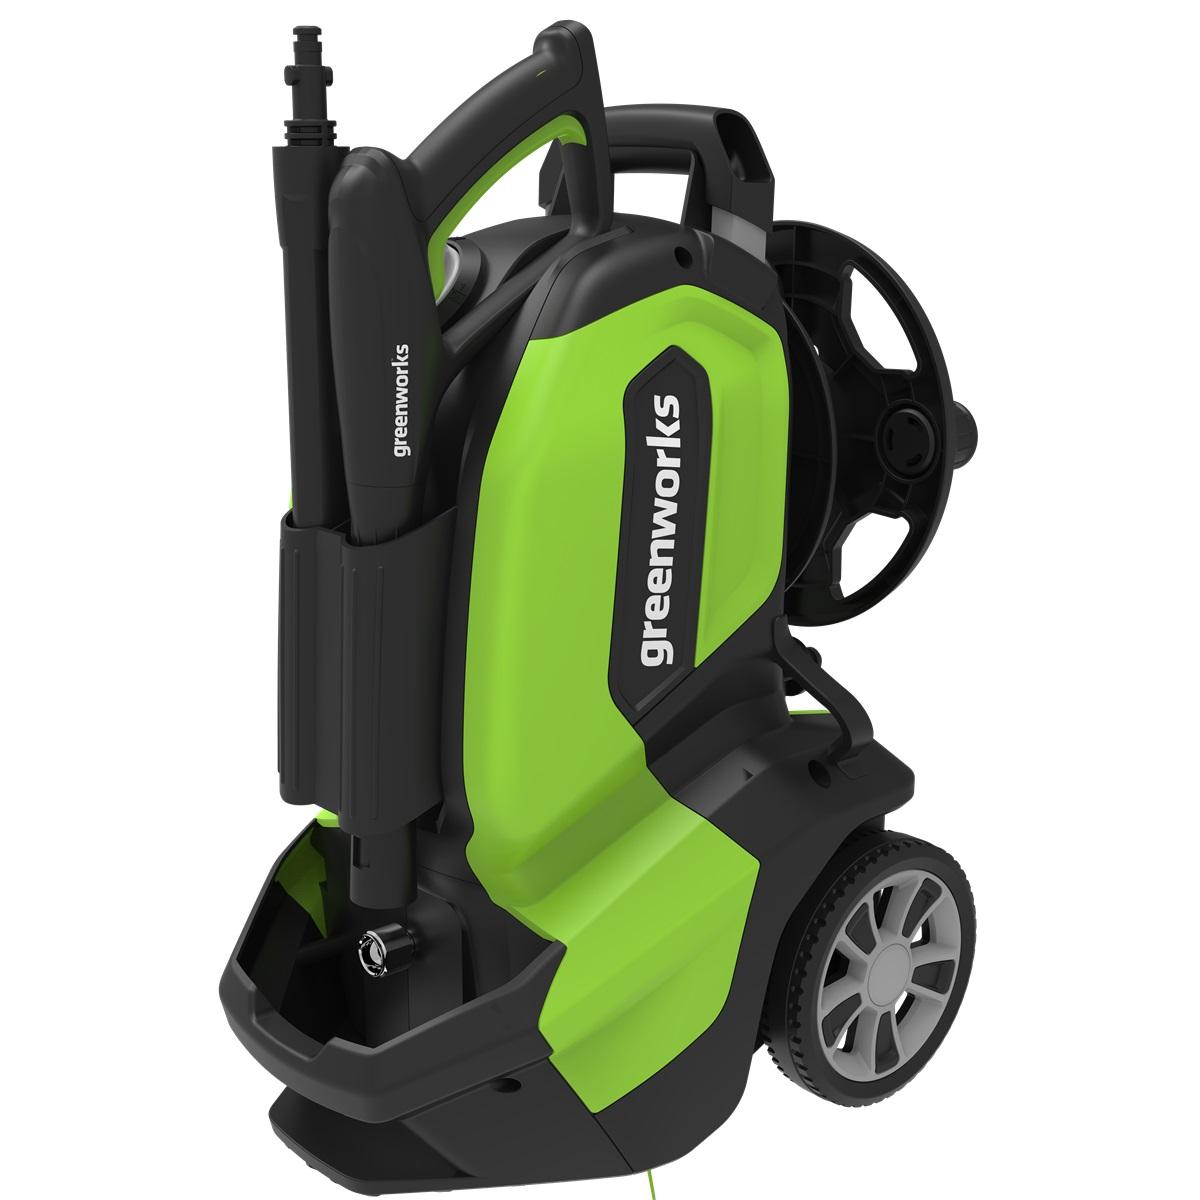 elektrický vysokotlakový čistič 145 bar Greenworks G50